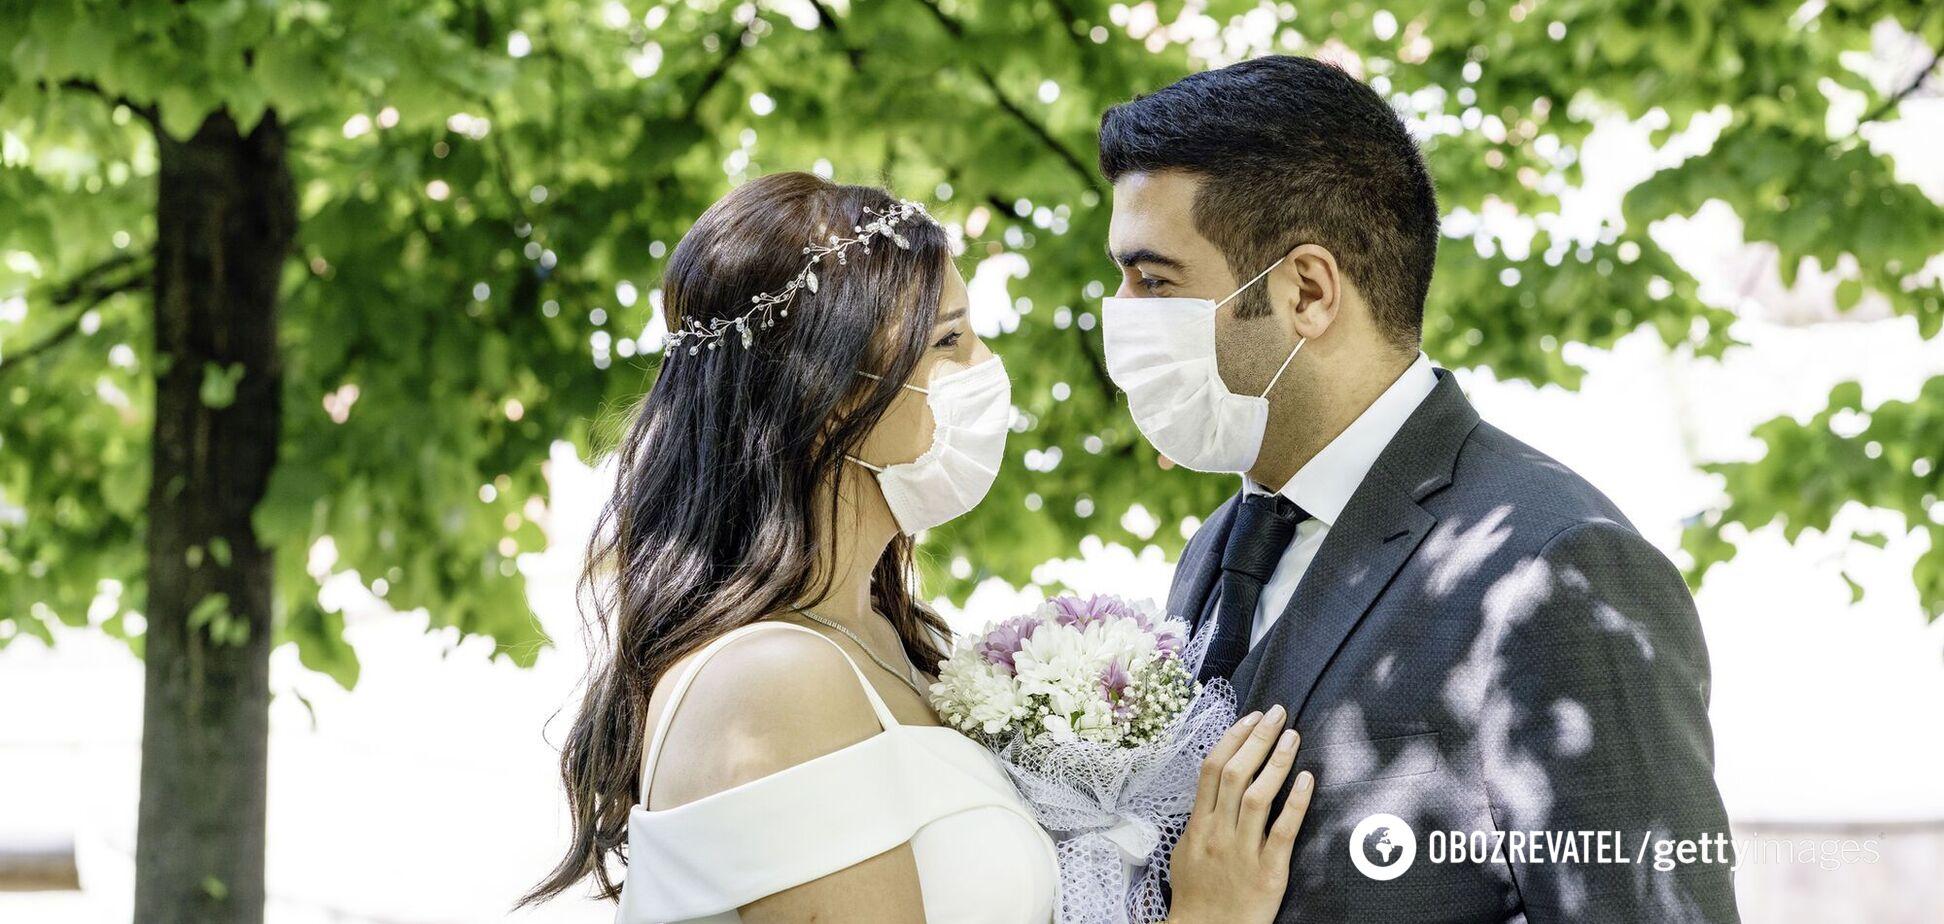 В США после свадьбы семь человек умерли от коронавируса